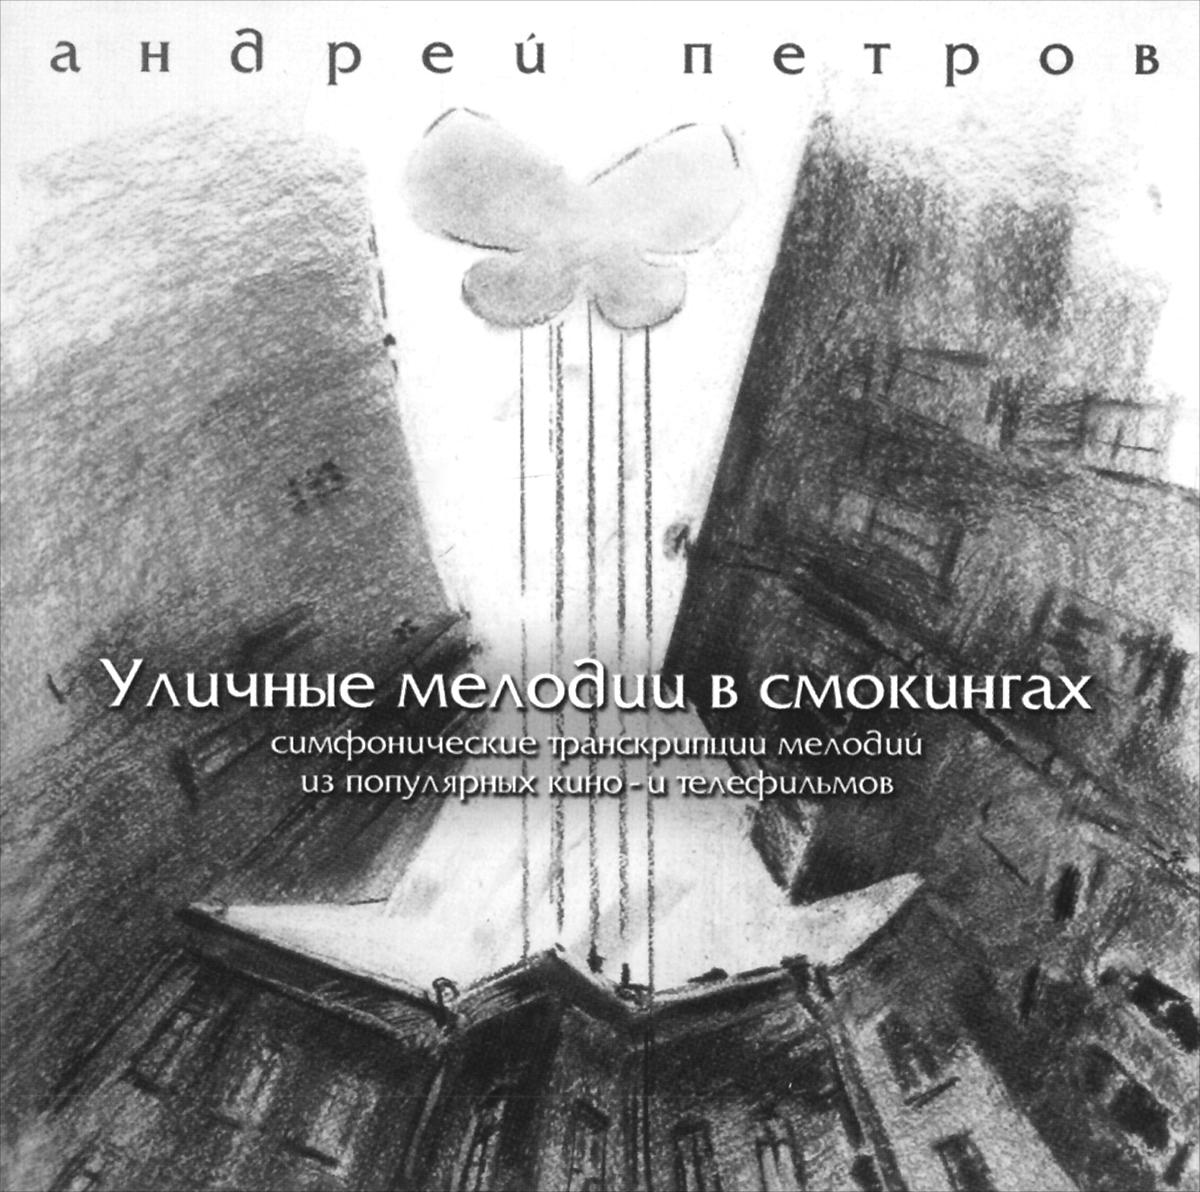 Андрей Петров. Уличные мелодии в смокингах 2014 Audio CD